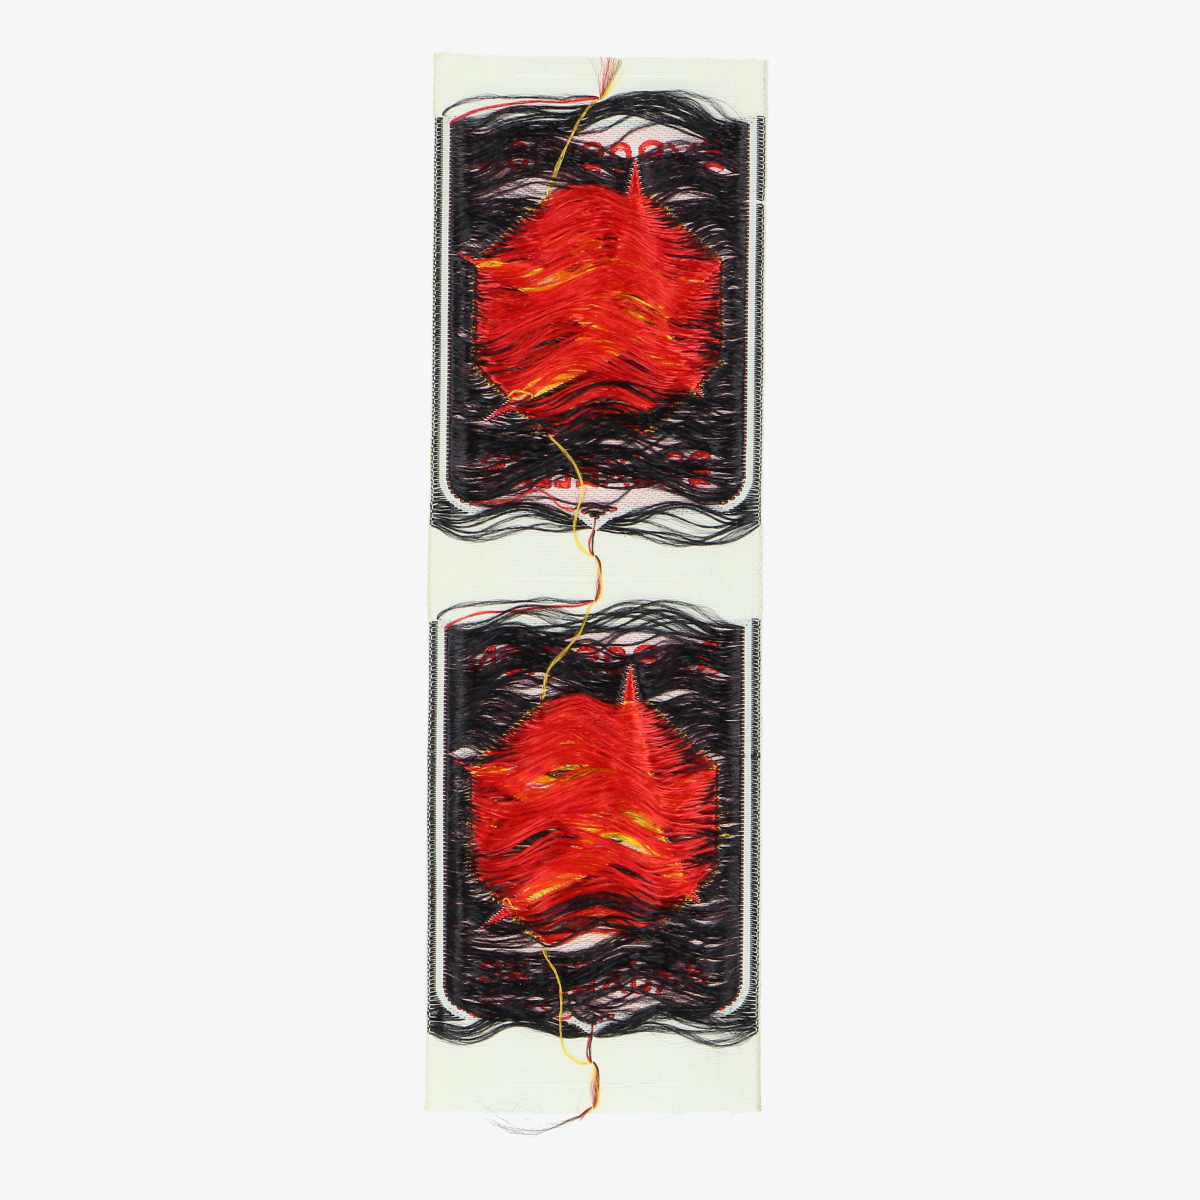 Afbeeldingen van expo 58 opsteek patches 2 stuks ( 1 stuk= 5cm op  8 cm)